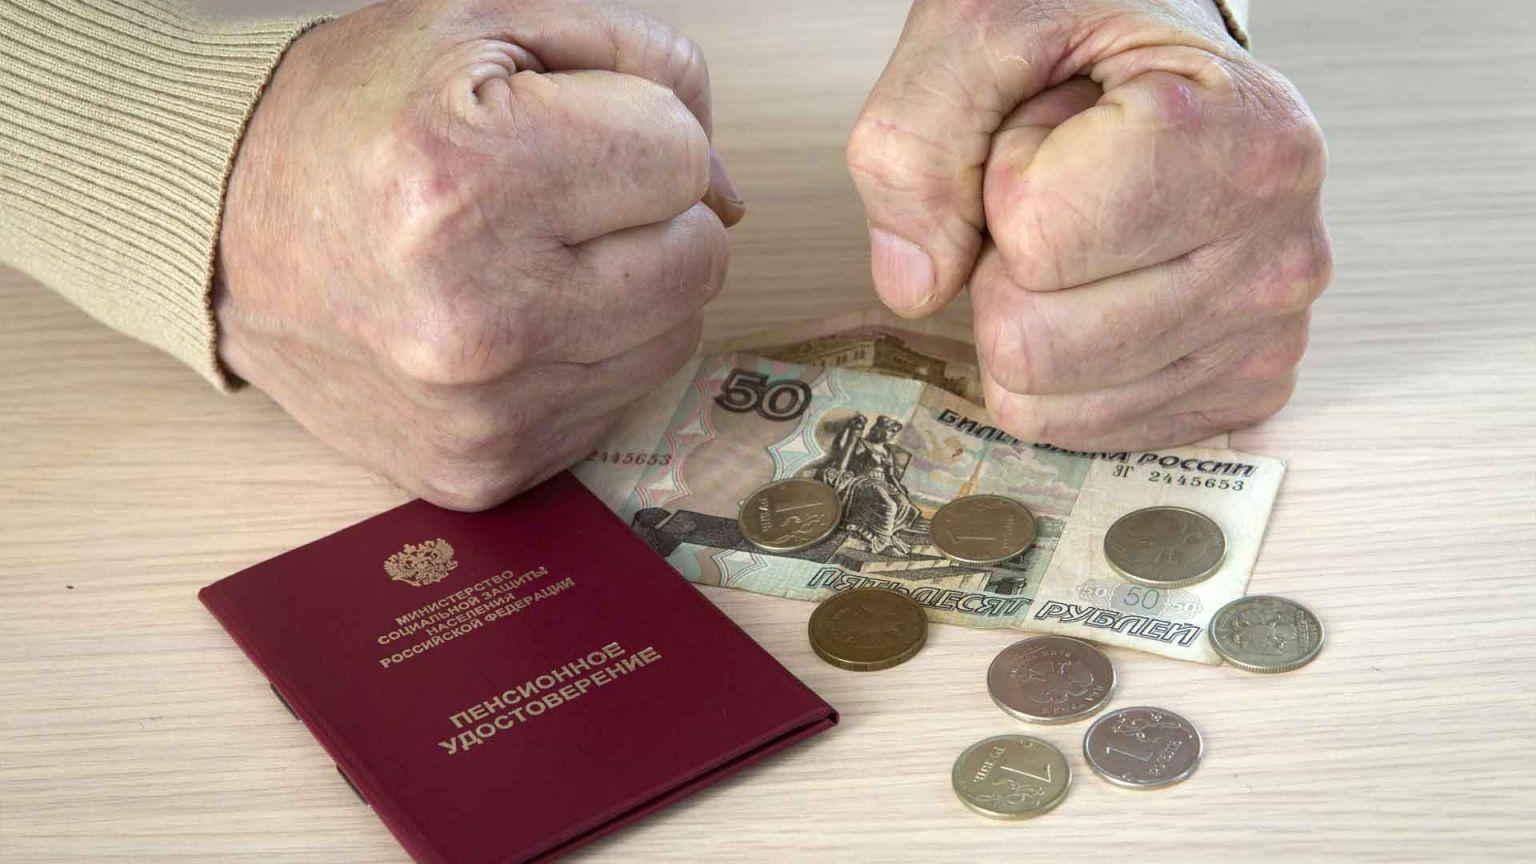 Юрист рассказал, как Пенсионный фонд лишает людей денег